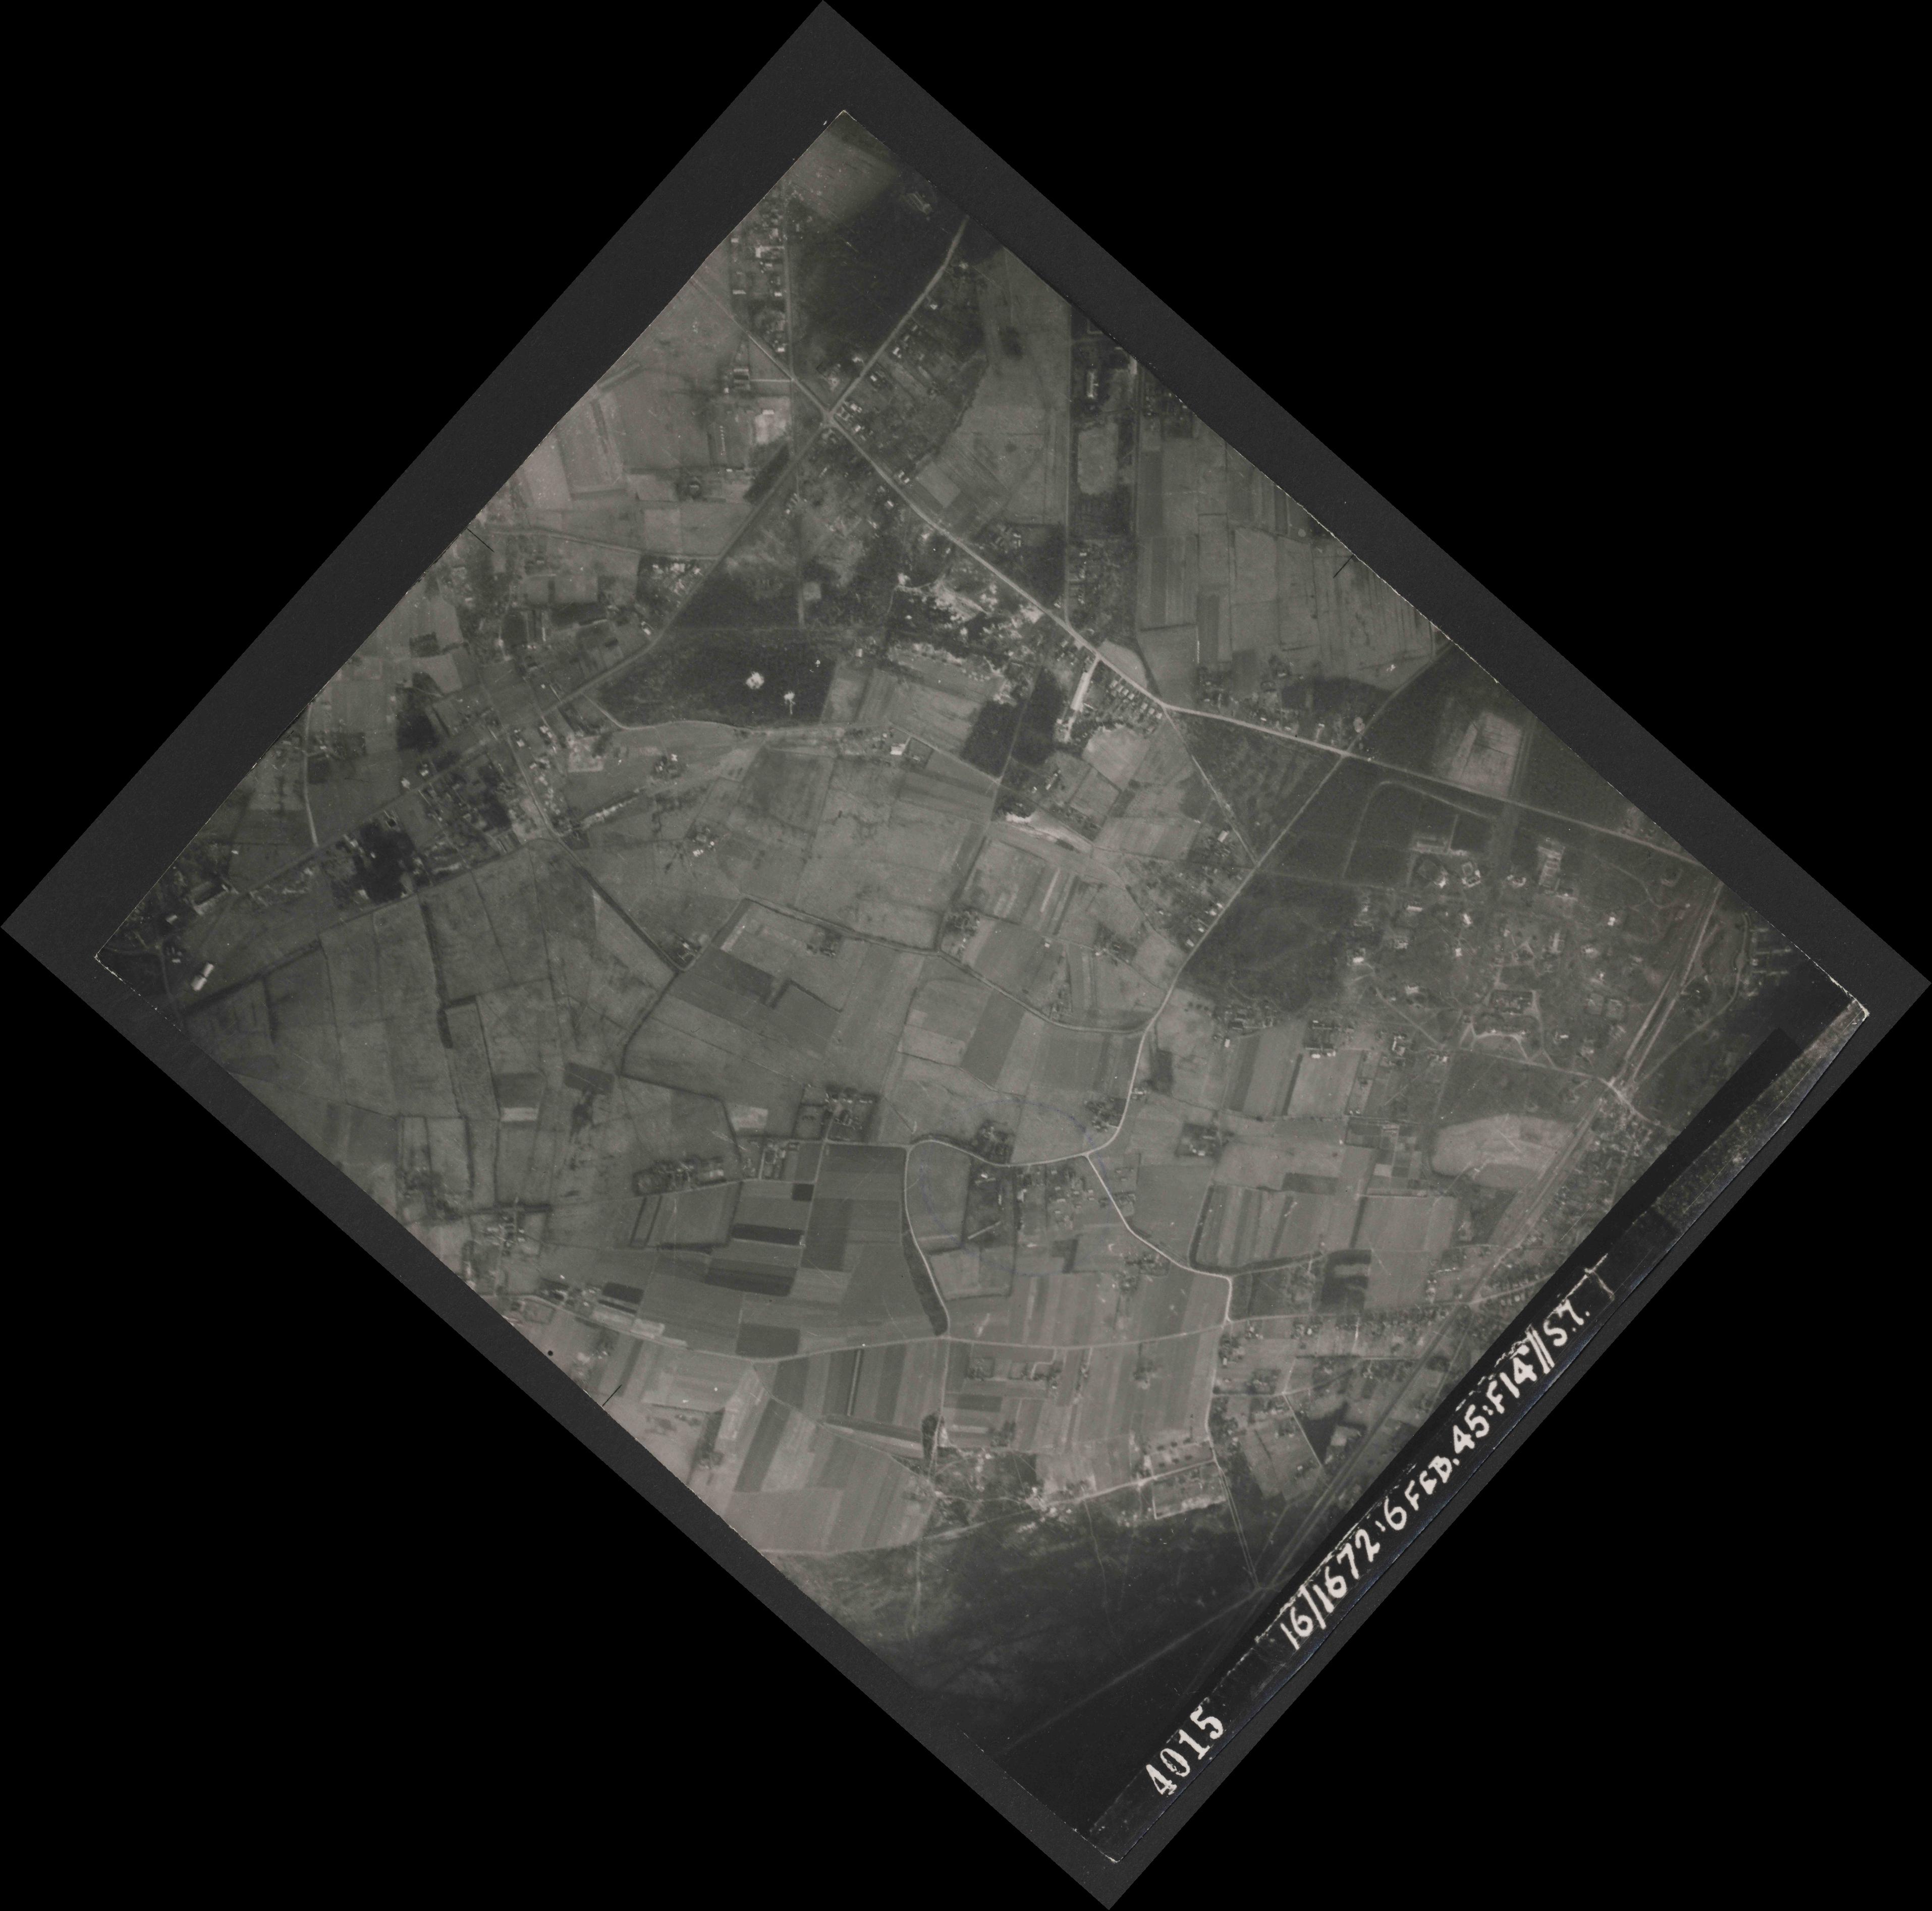 Collection RAF aerial photos 1940-1945 - flight 158, run 02, photo 4015